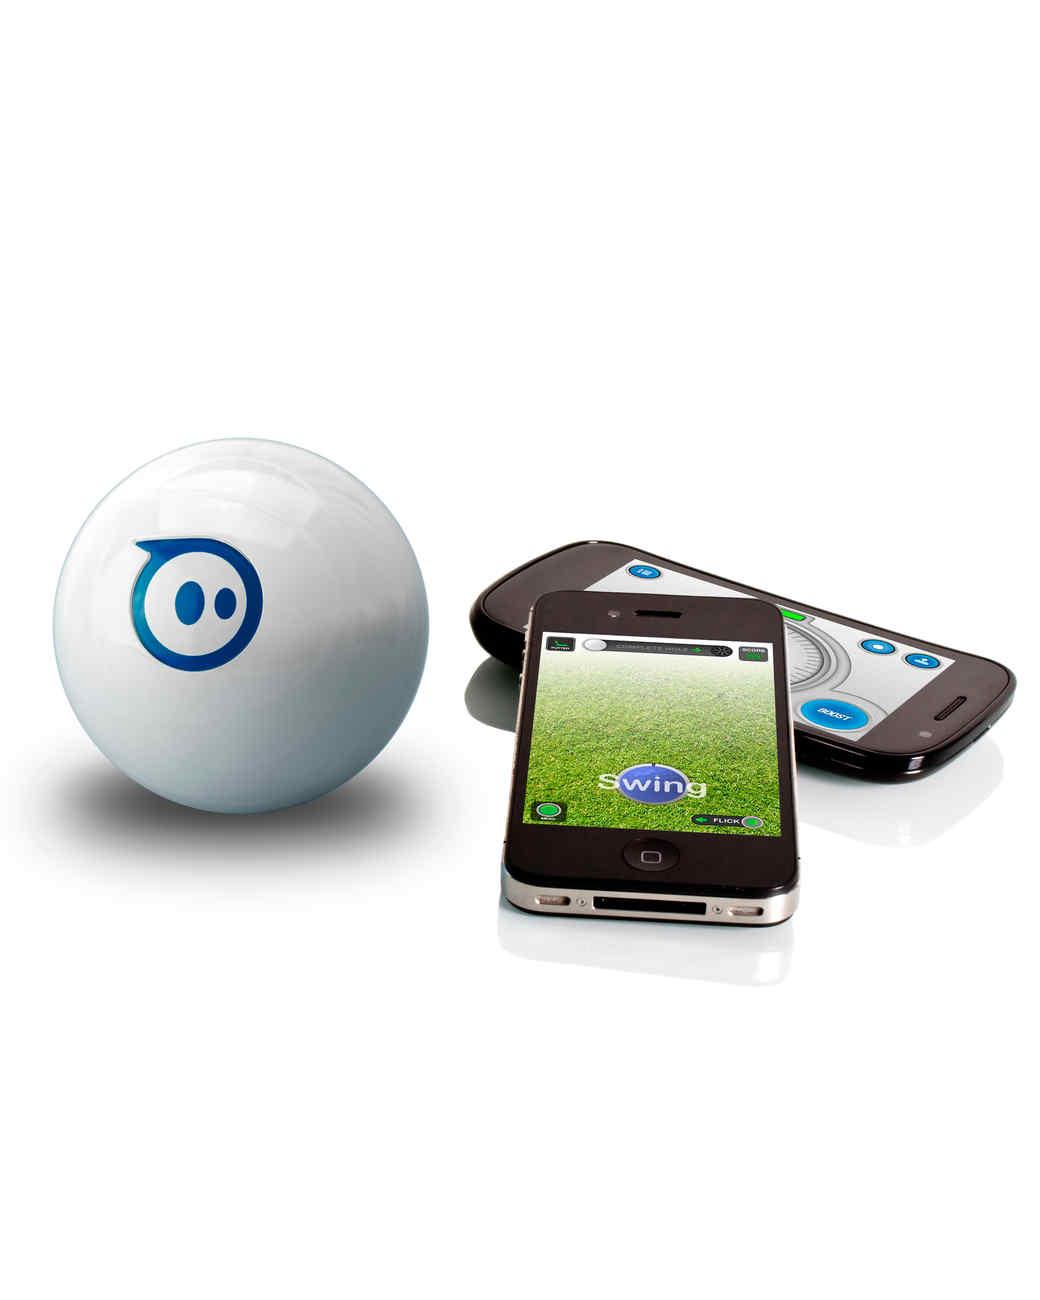 orbotix-sphero-robotic-gaming-system.jpg